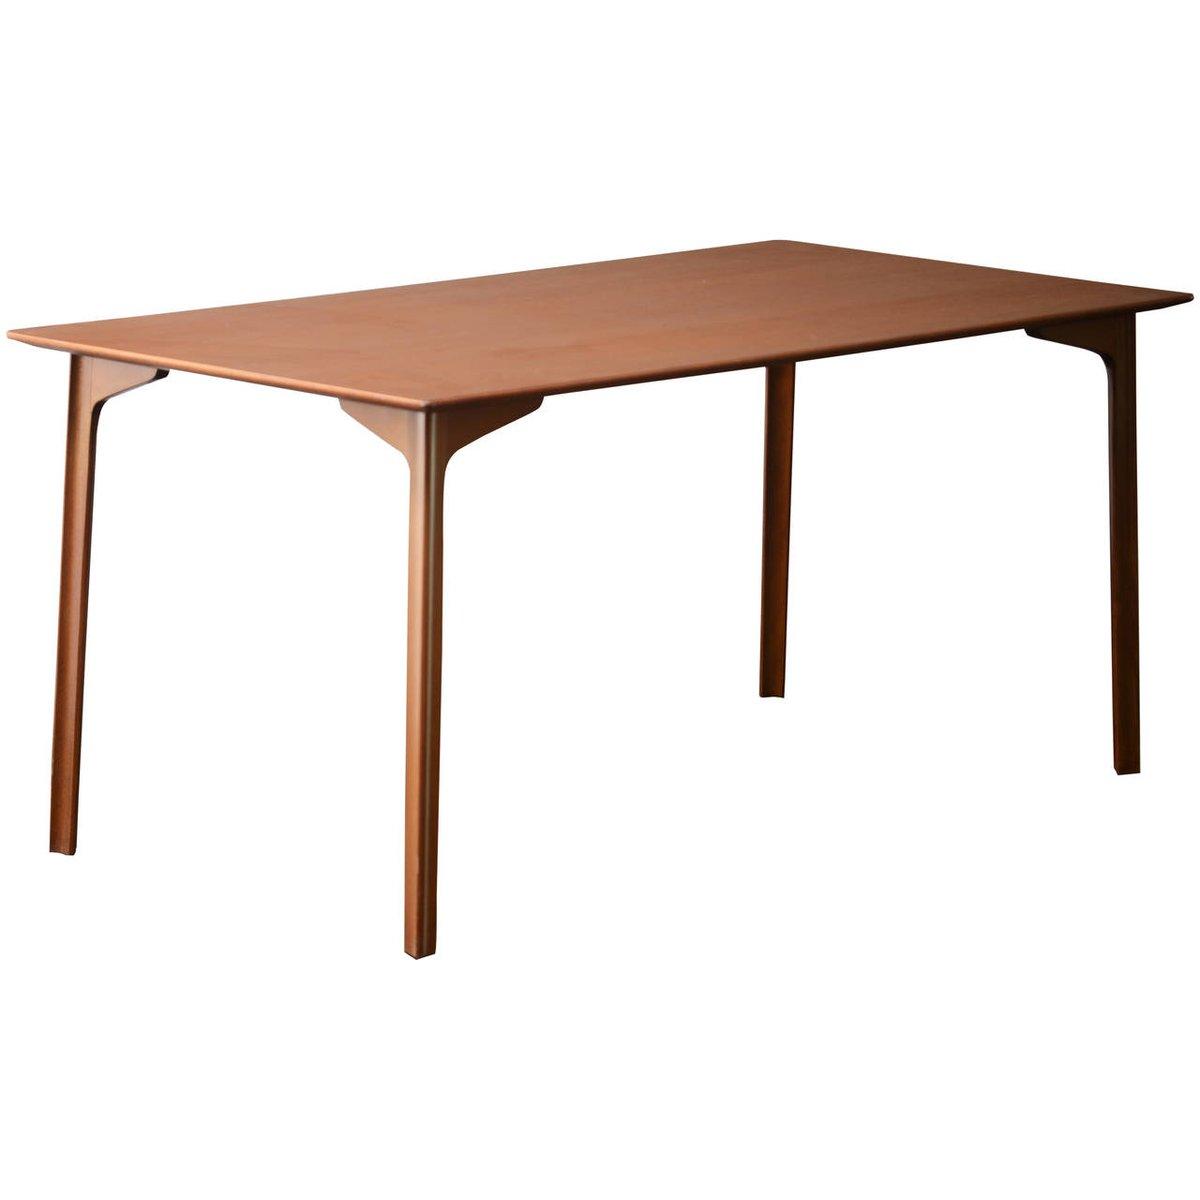 grand prix tisch aus teakholz von arne jacobsen 1957 bei pamono kaufen. Black Bedroom Furniture Sets. Home Design Ideas